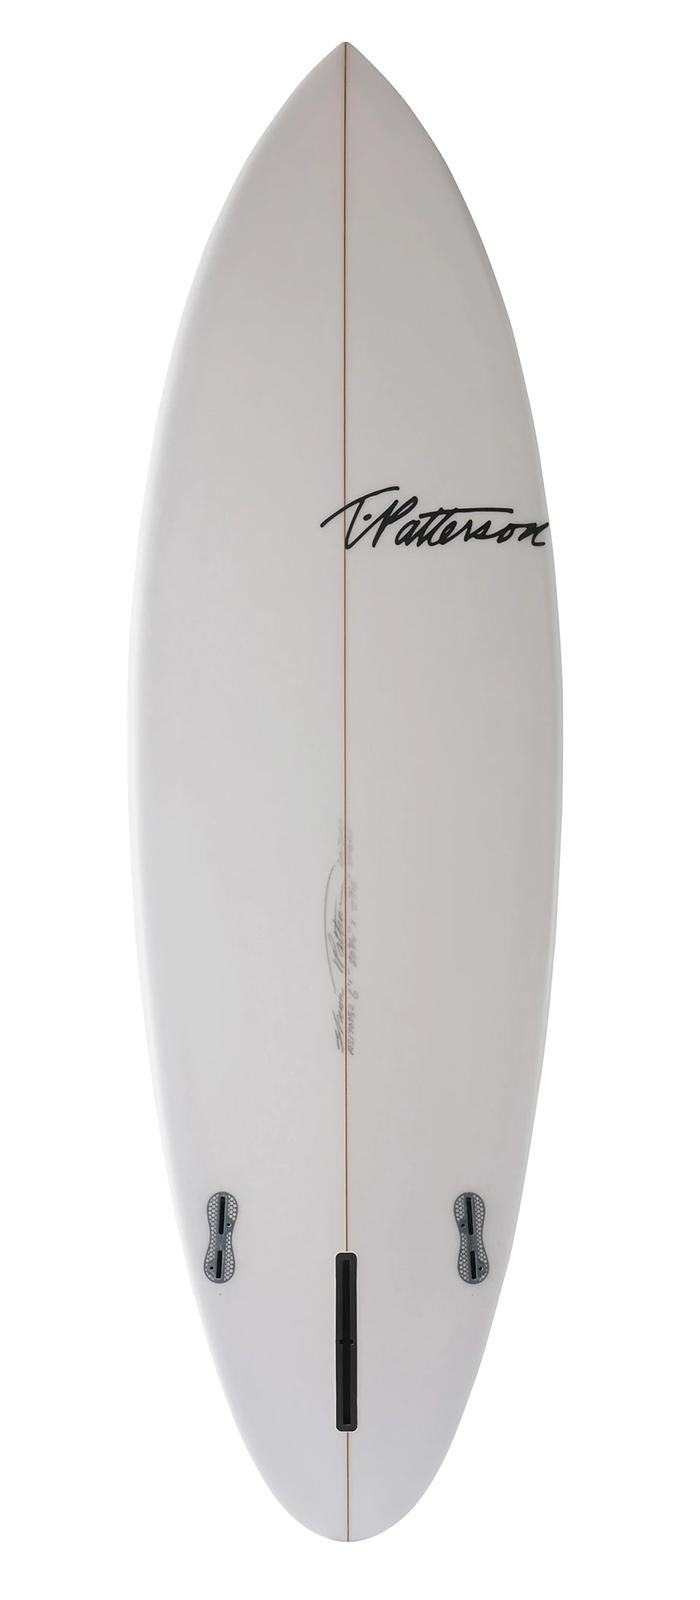 SINGLE FIN surfboard model bottom